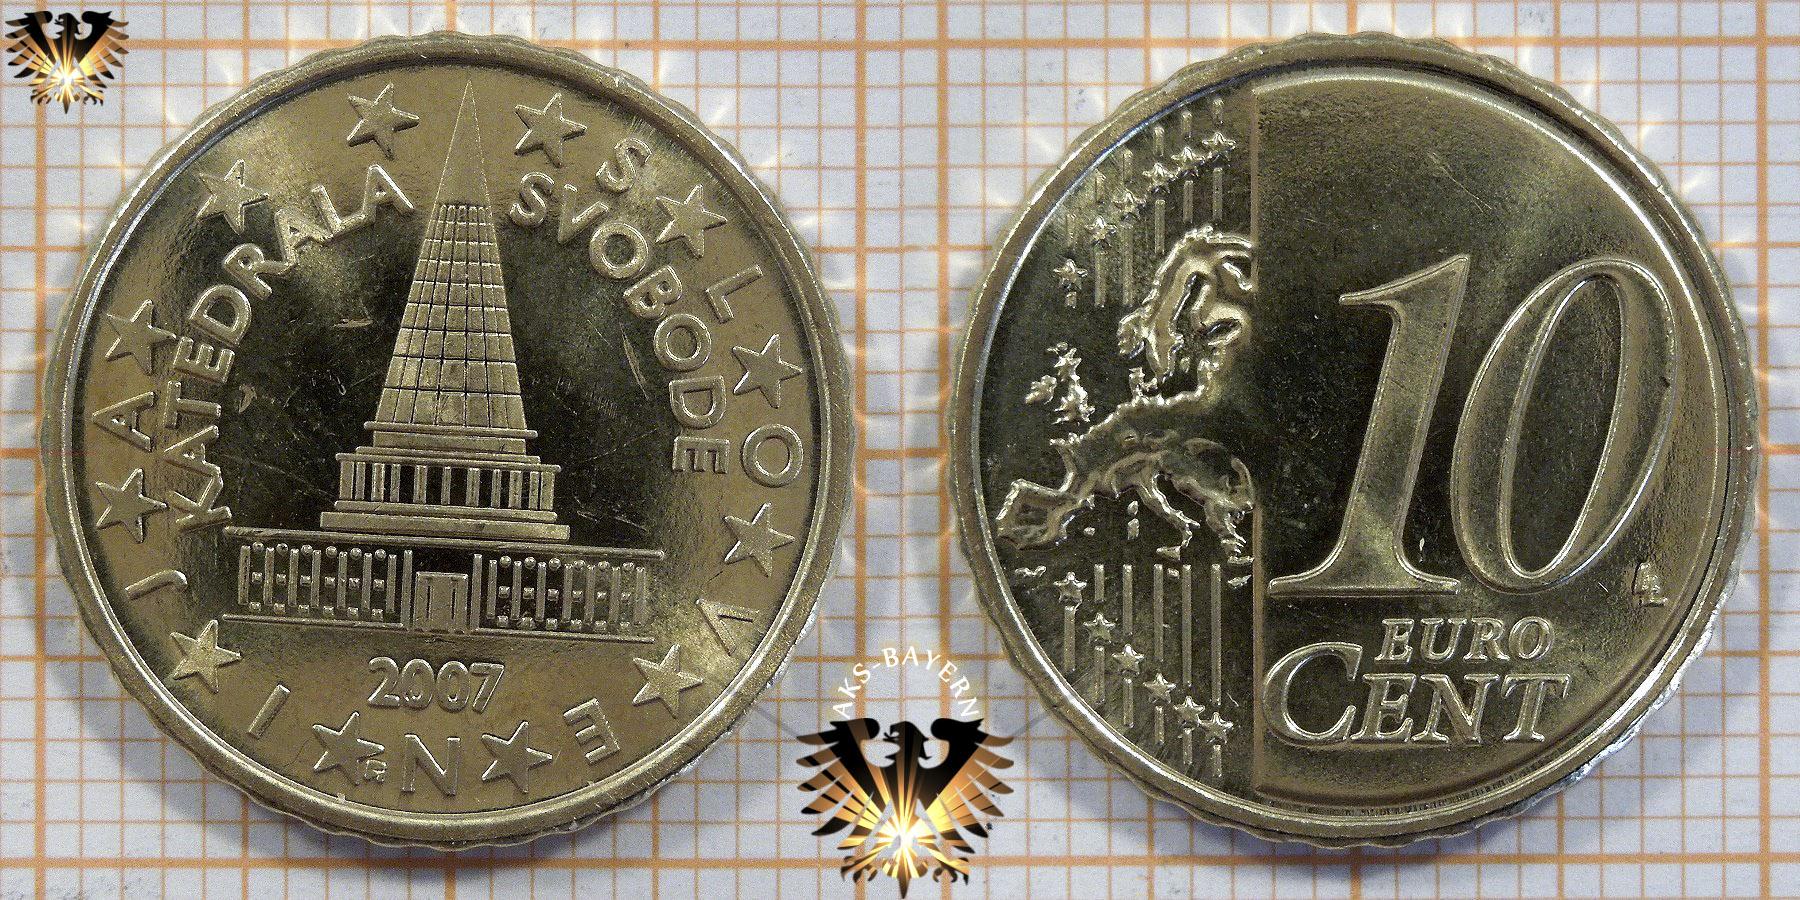 10 Euro Cent Slowenien 2007 Nominal